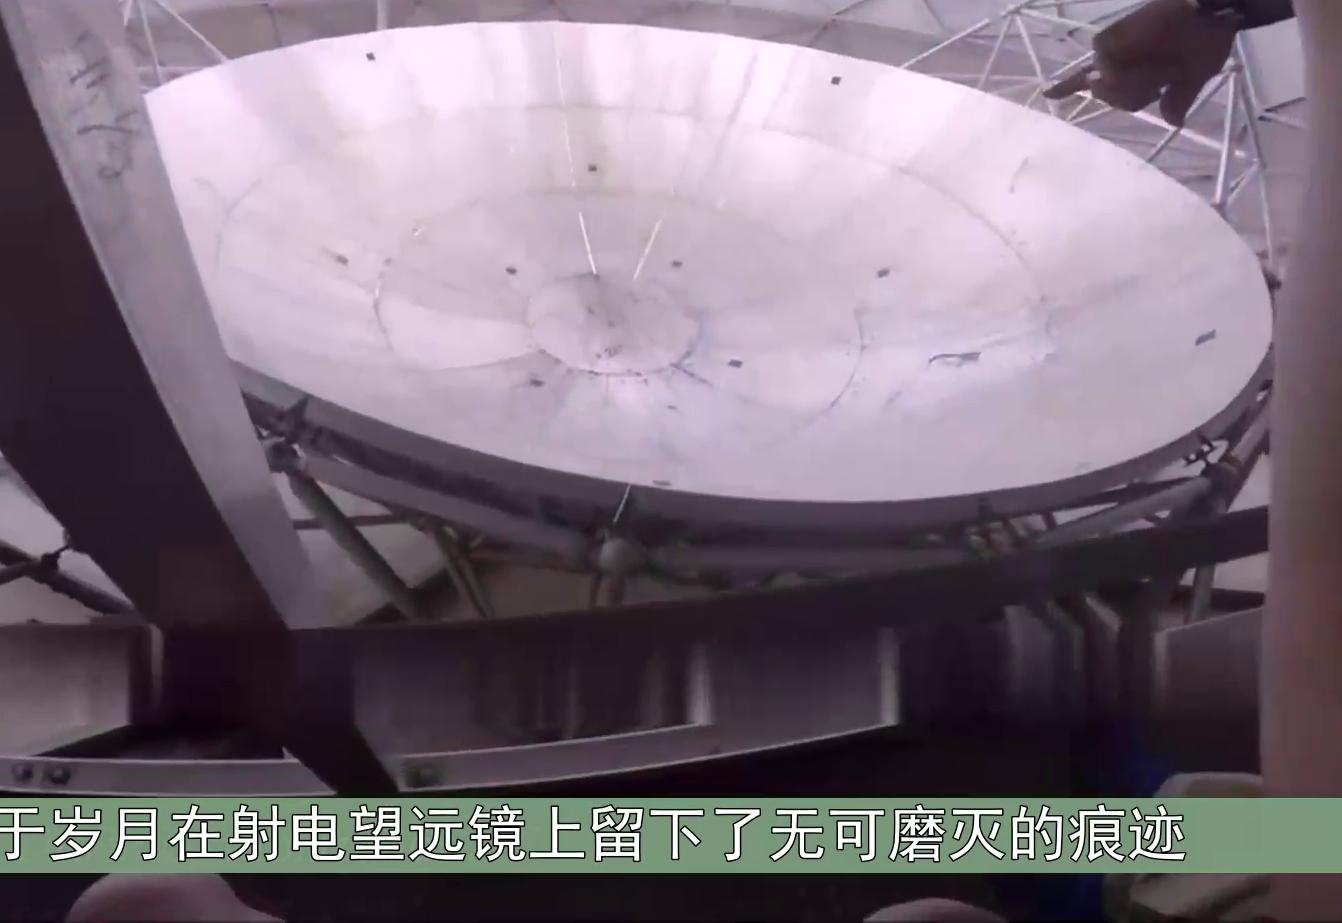 最新消息传来!世界上最大的射电望远镜要被拆除了?